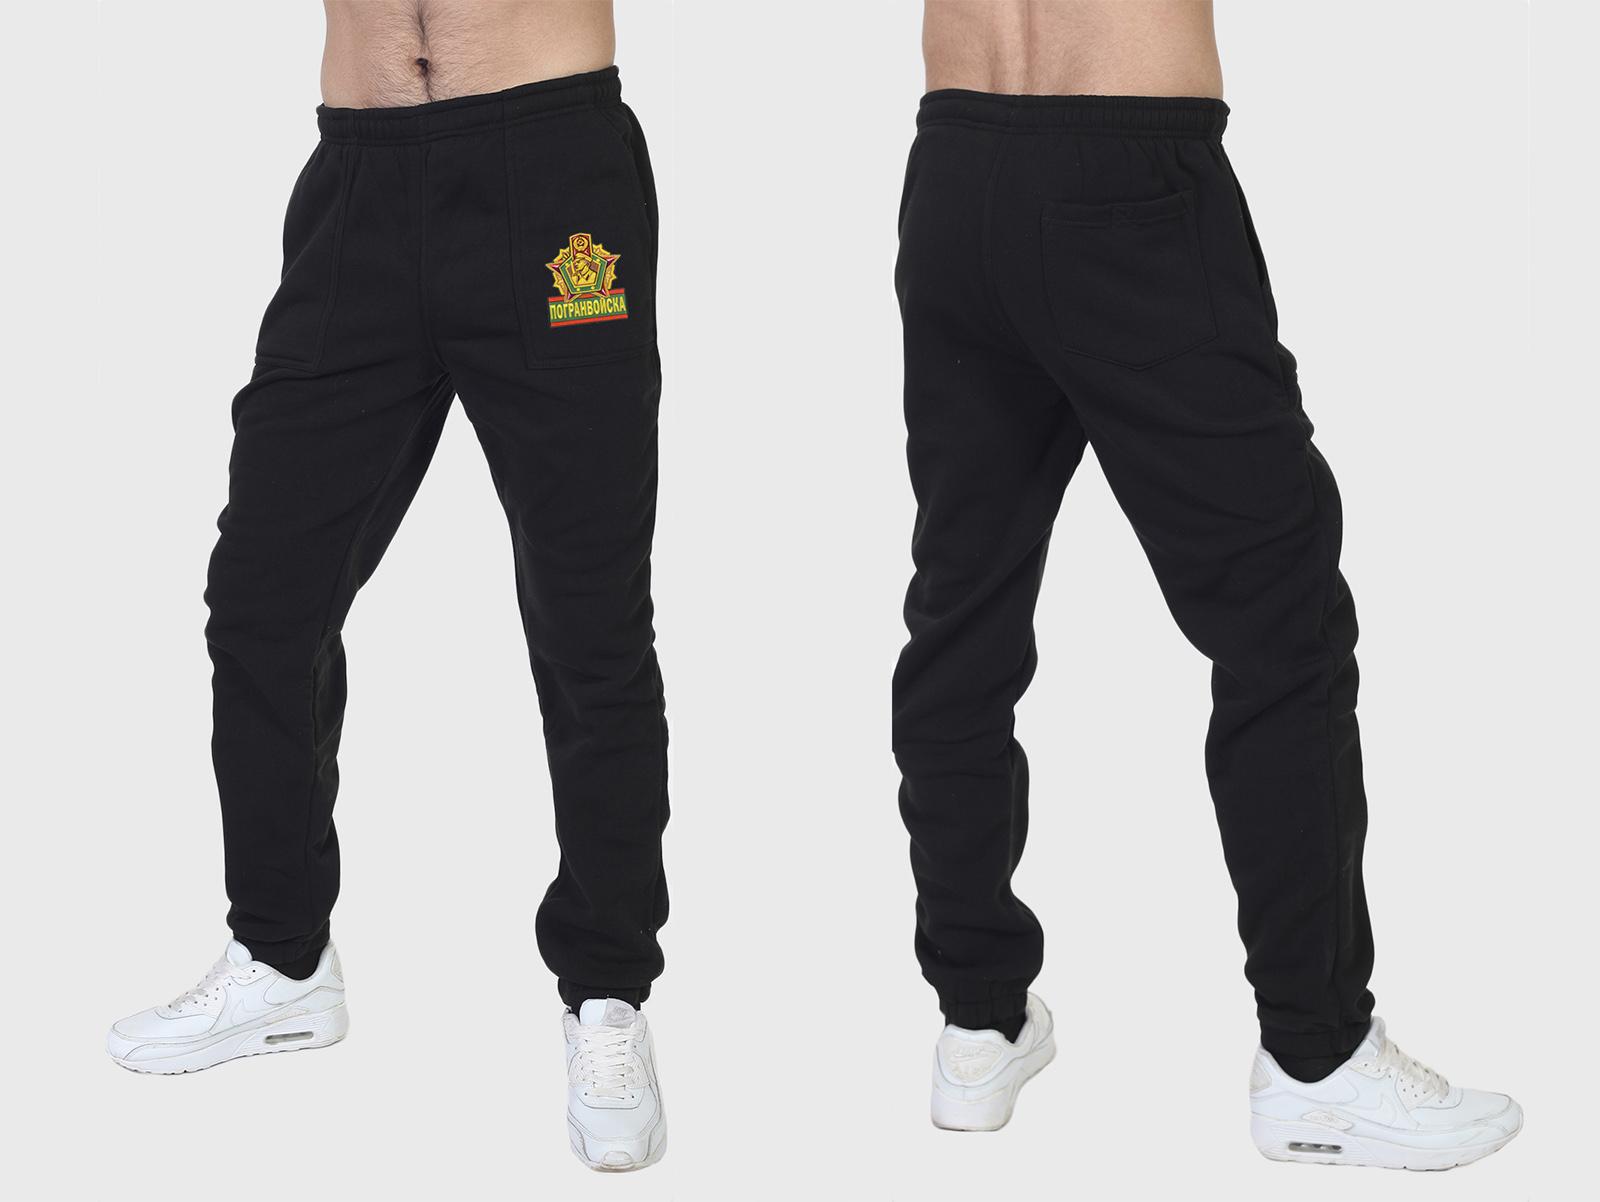 Топовые спортивные штаны для пограничника